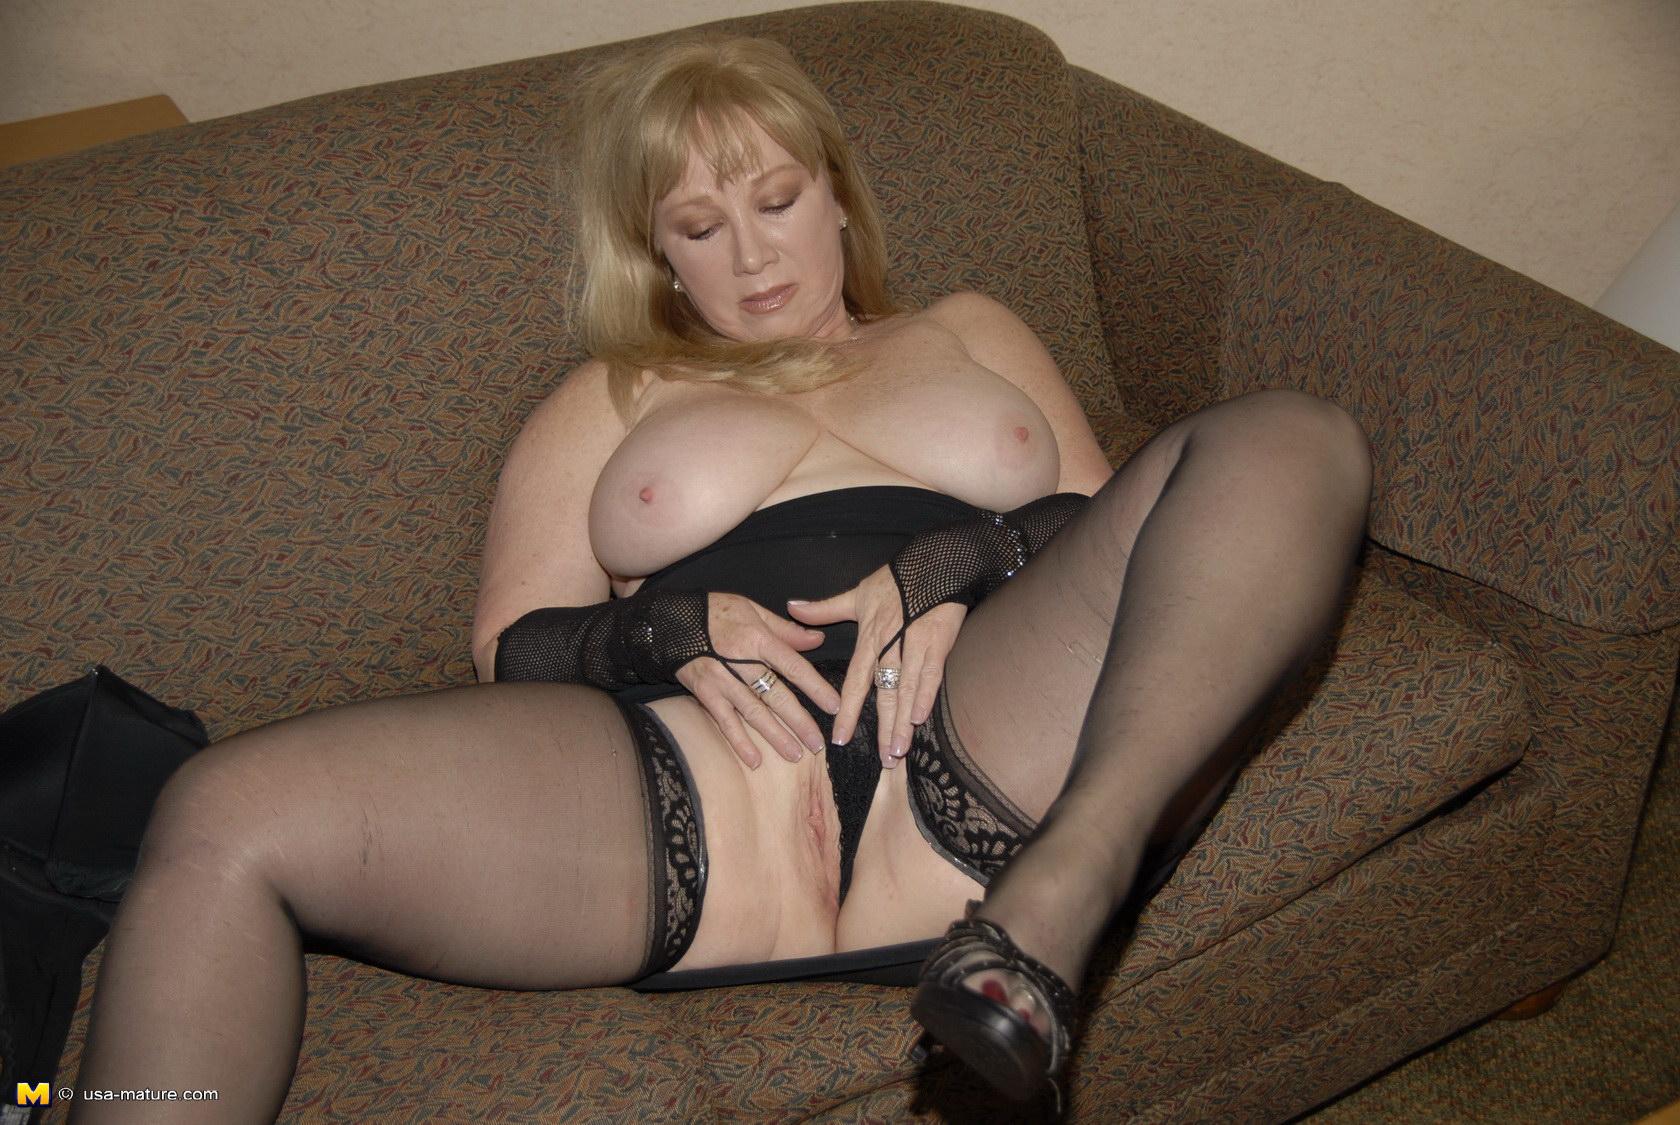 Фото порно проституток москвы — pic 4